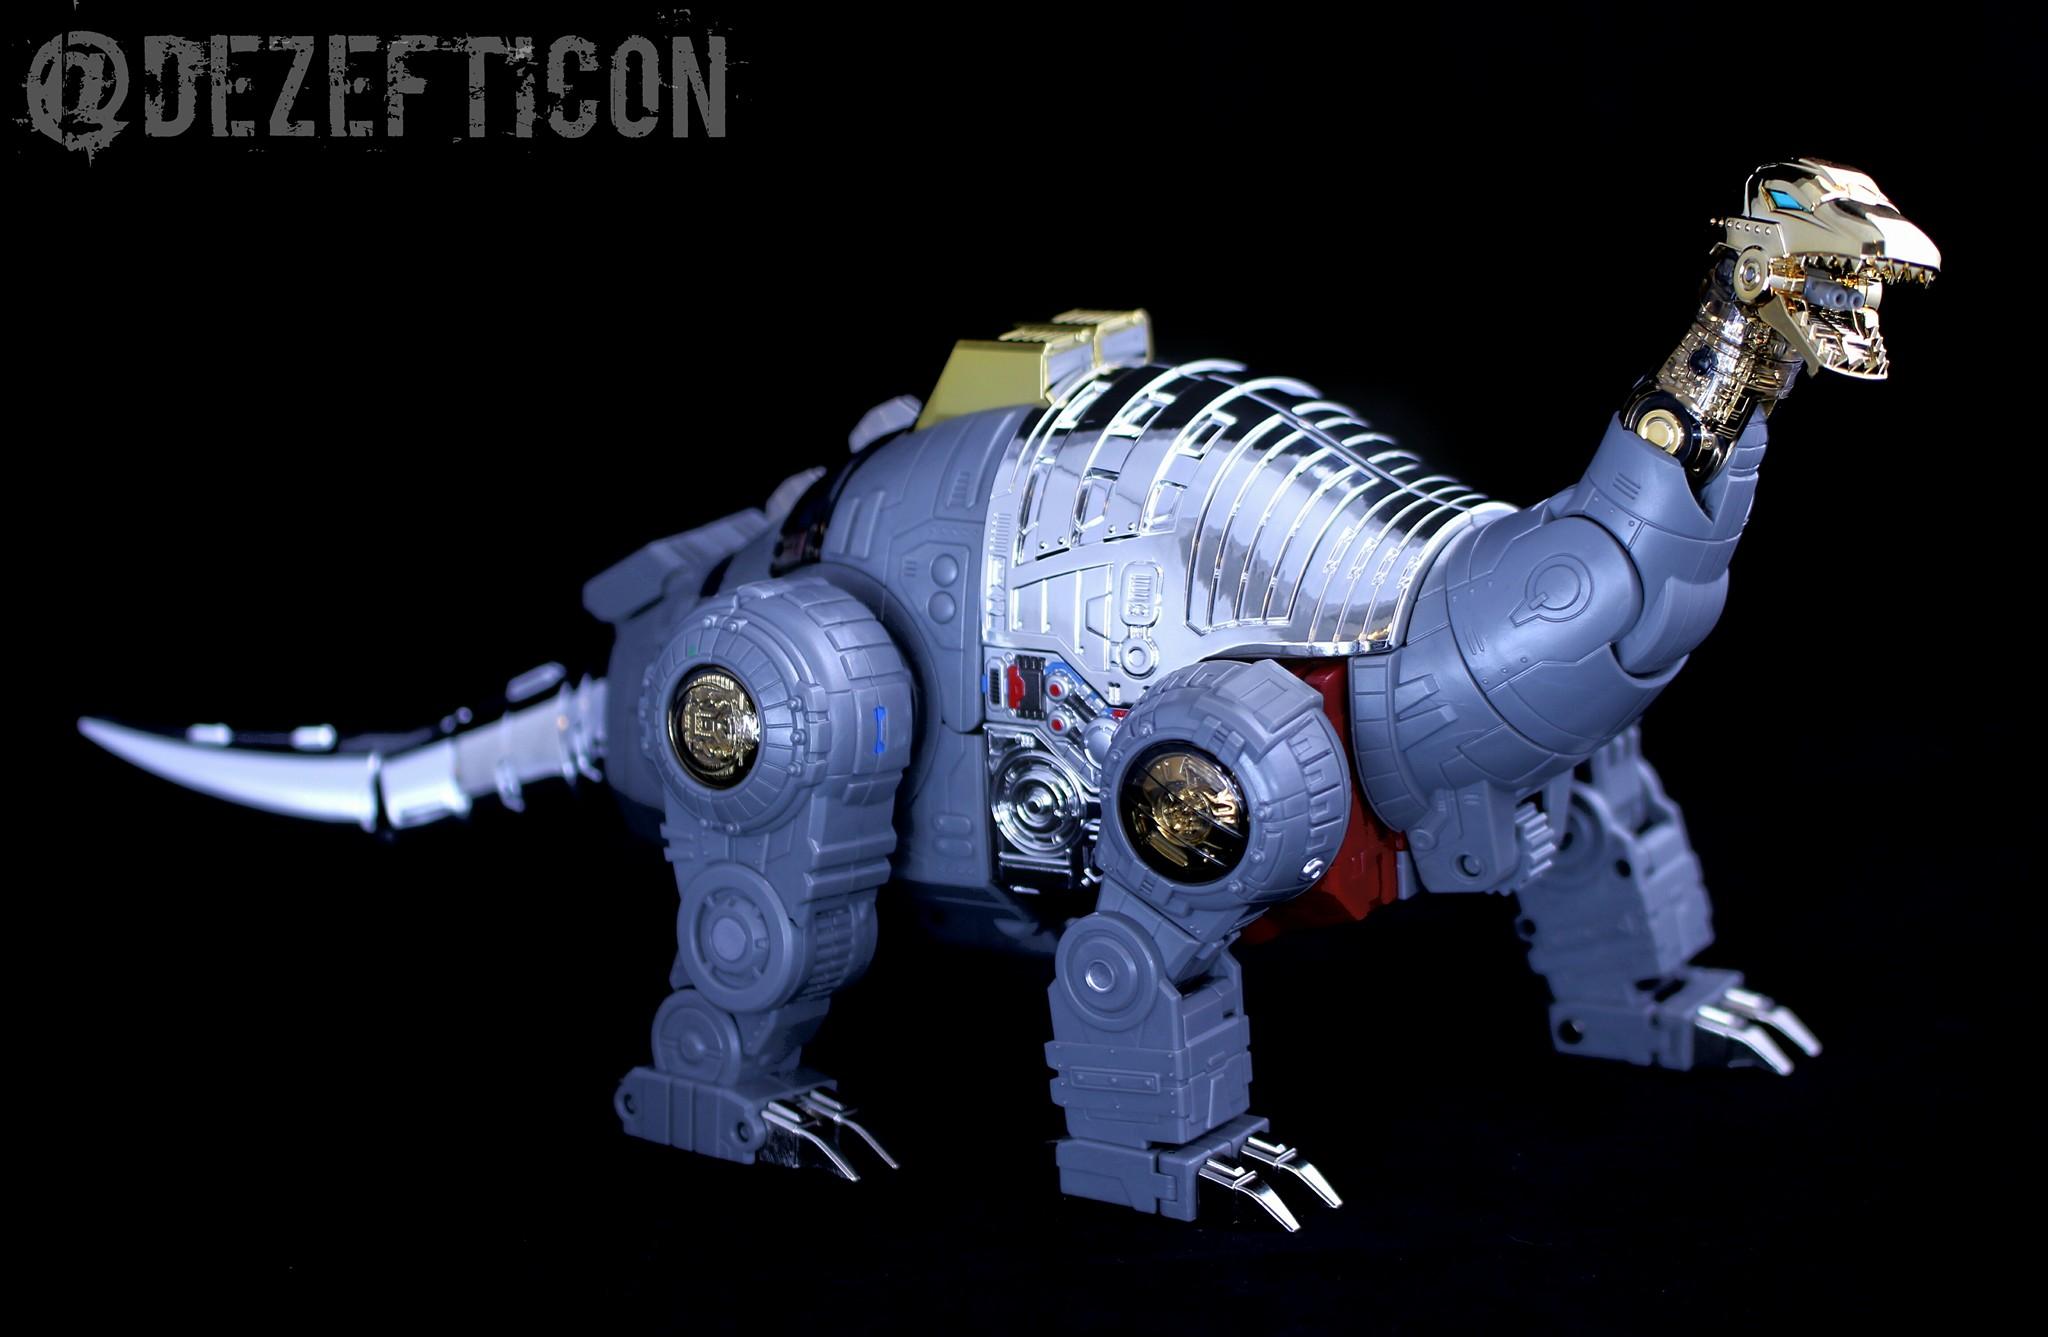 [Fanstoys] Produit Tiers - Dinobots - FT-04 Scoria, FT-05 Soar, FT-06 Sever, FT-07 Stomp, FT-08 Grinder - Page 9 RFwDZTRl